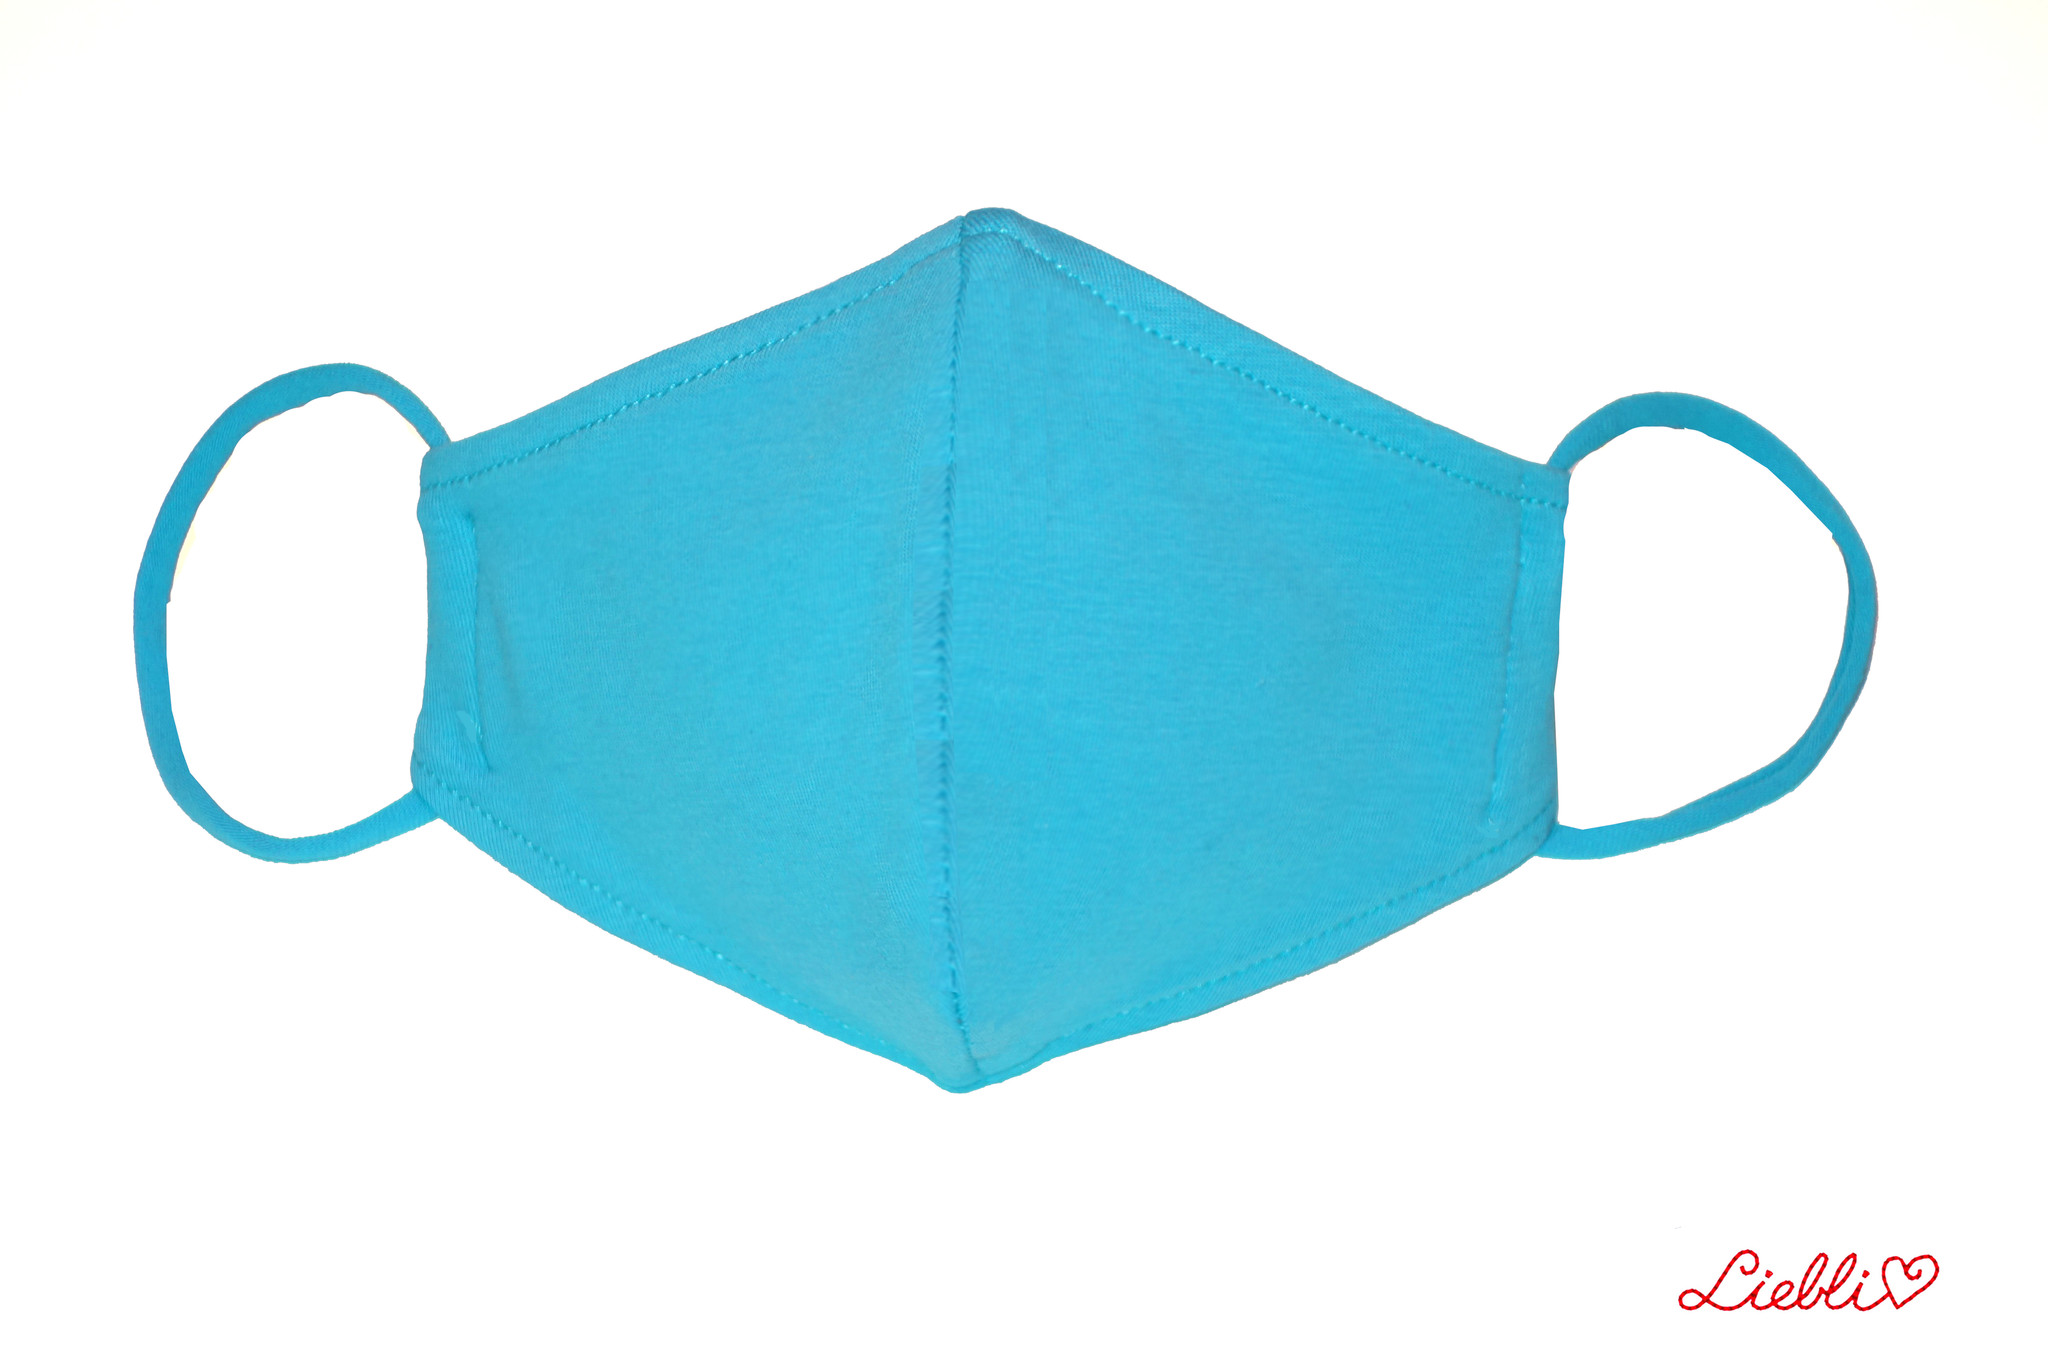 Waschbare, wiederverwendbare Stoffmaske, Mund-Nasen Maske, türkis